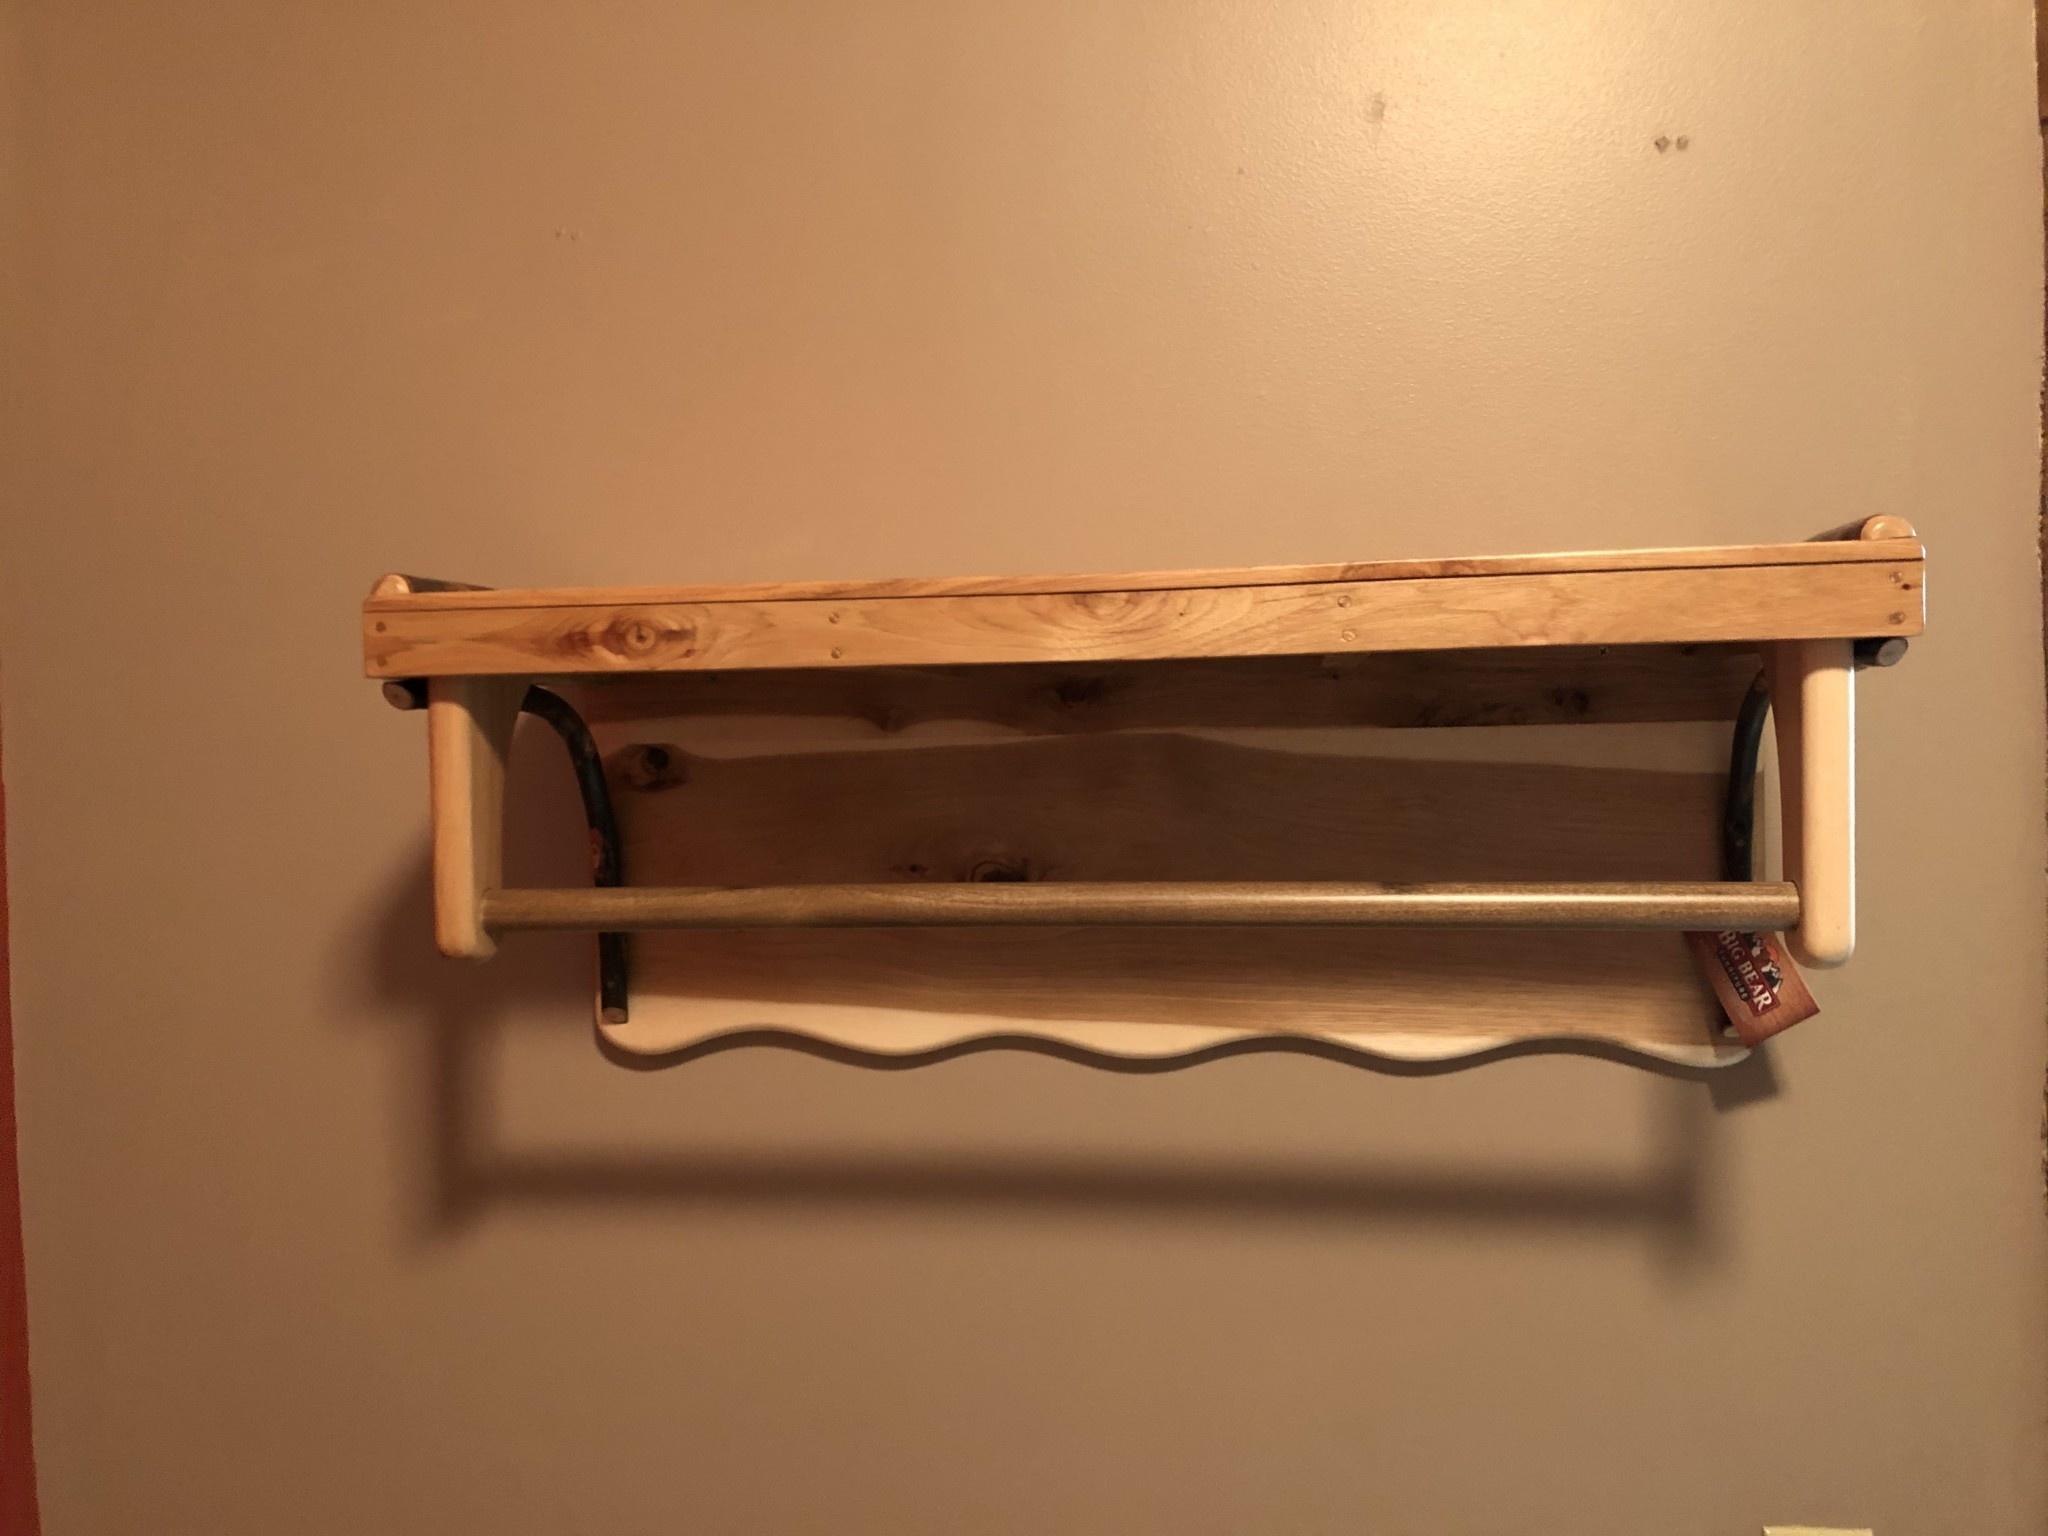 ALBC Large Hickory Shelf w/ hooks- SO